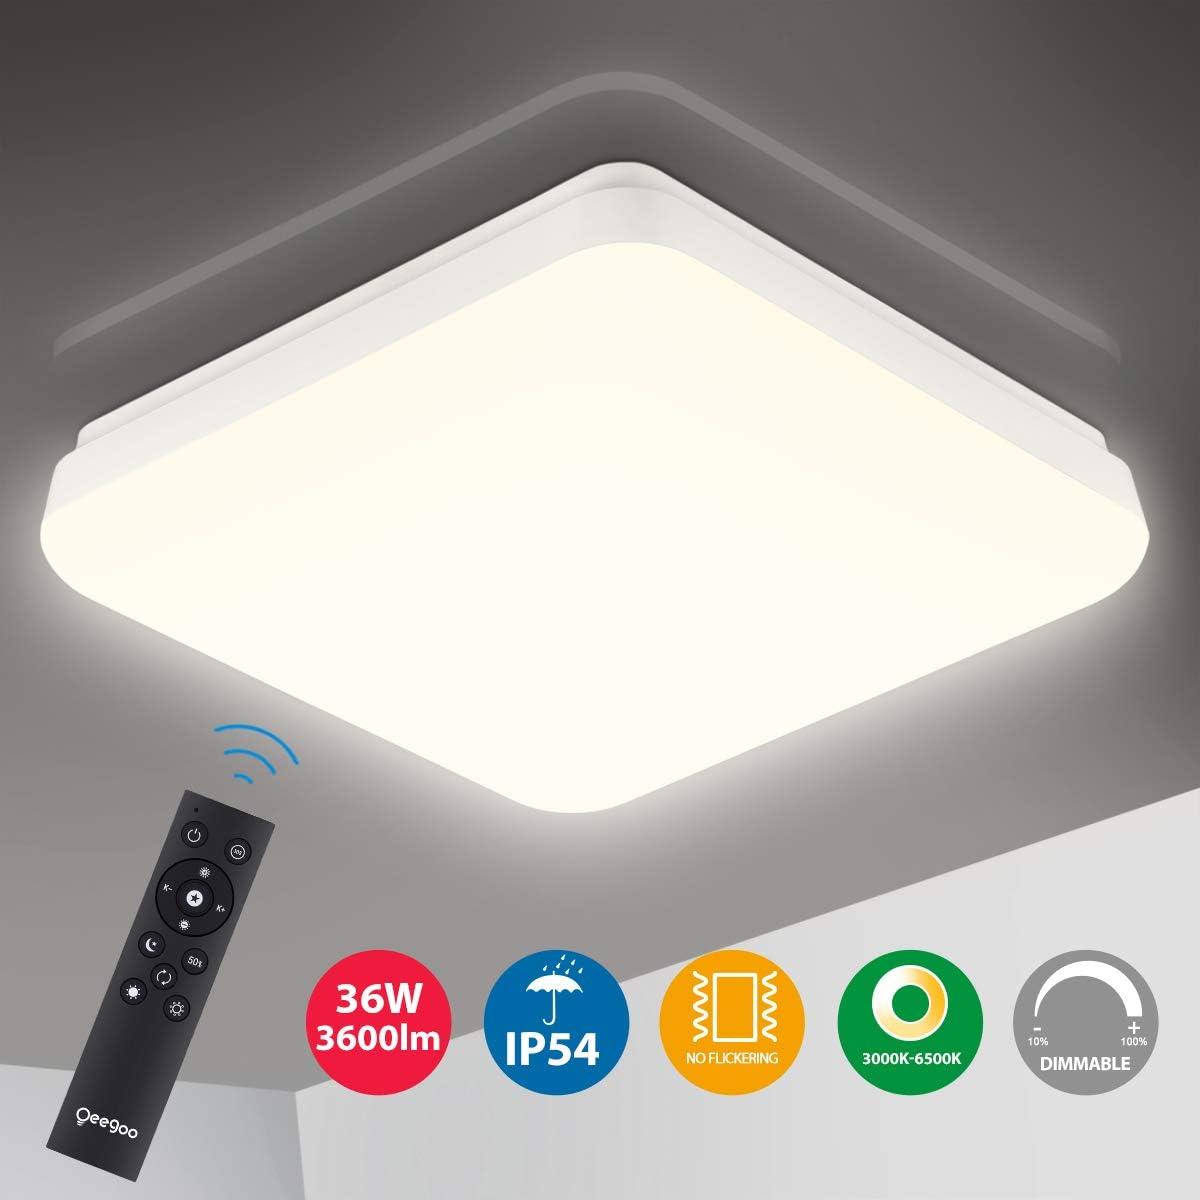 Oeegoo LED Deckenleuchte dimmbar Farbtemperatur und Helligkeit einstellbar 24W 2400Lm LED Deckenlampe mit Fernbedienung IP54 Wasserfest Flimmerfreie LED Lampe Wohnzimmer Kinderzimmer Schlafzimmer